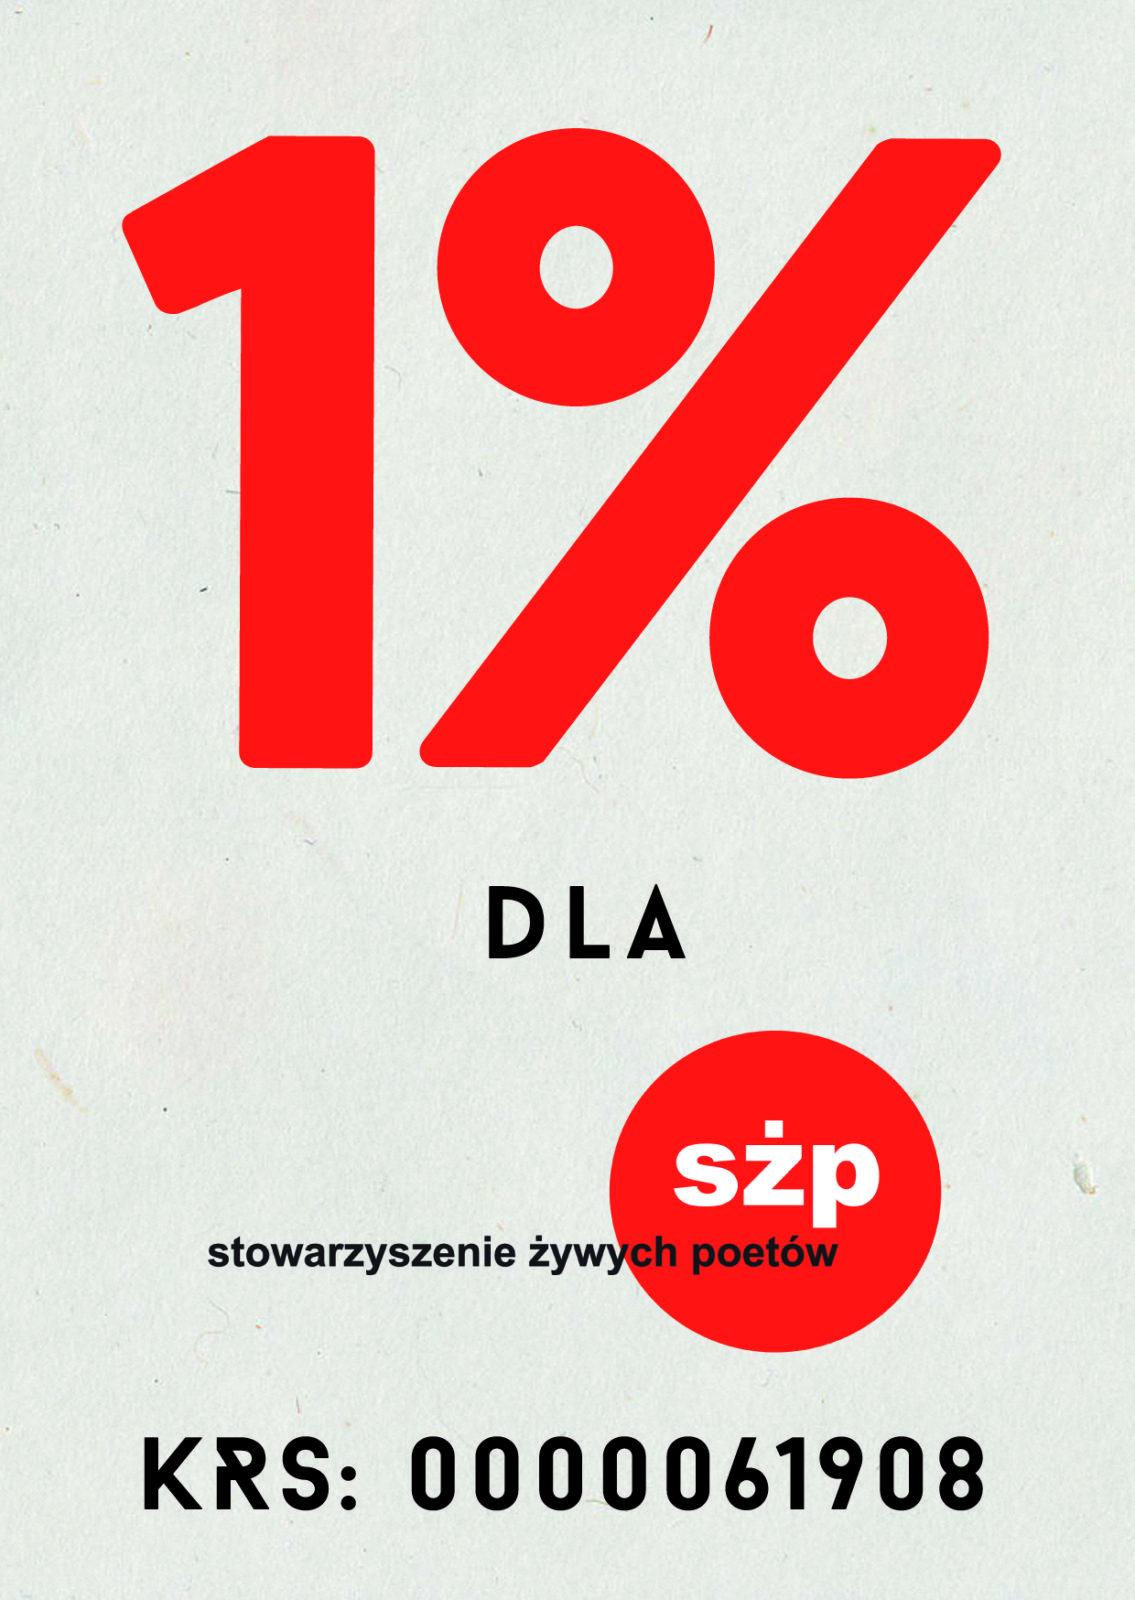 1% DLA STOWARZYSZENIA